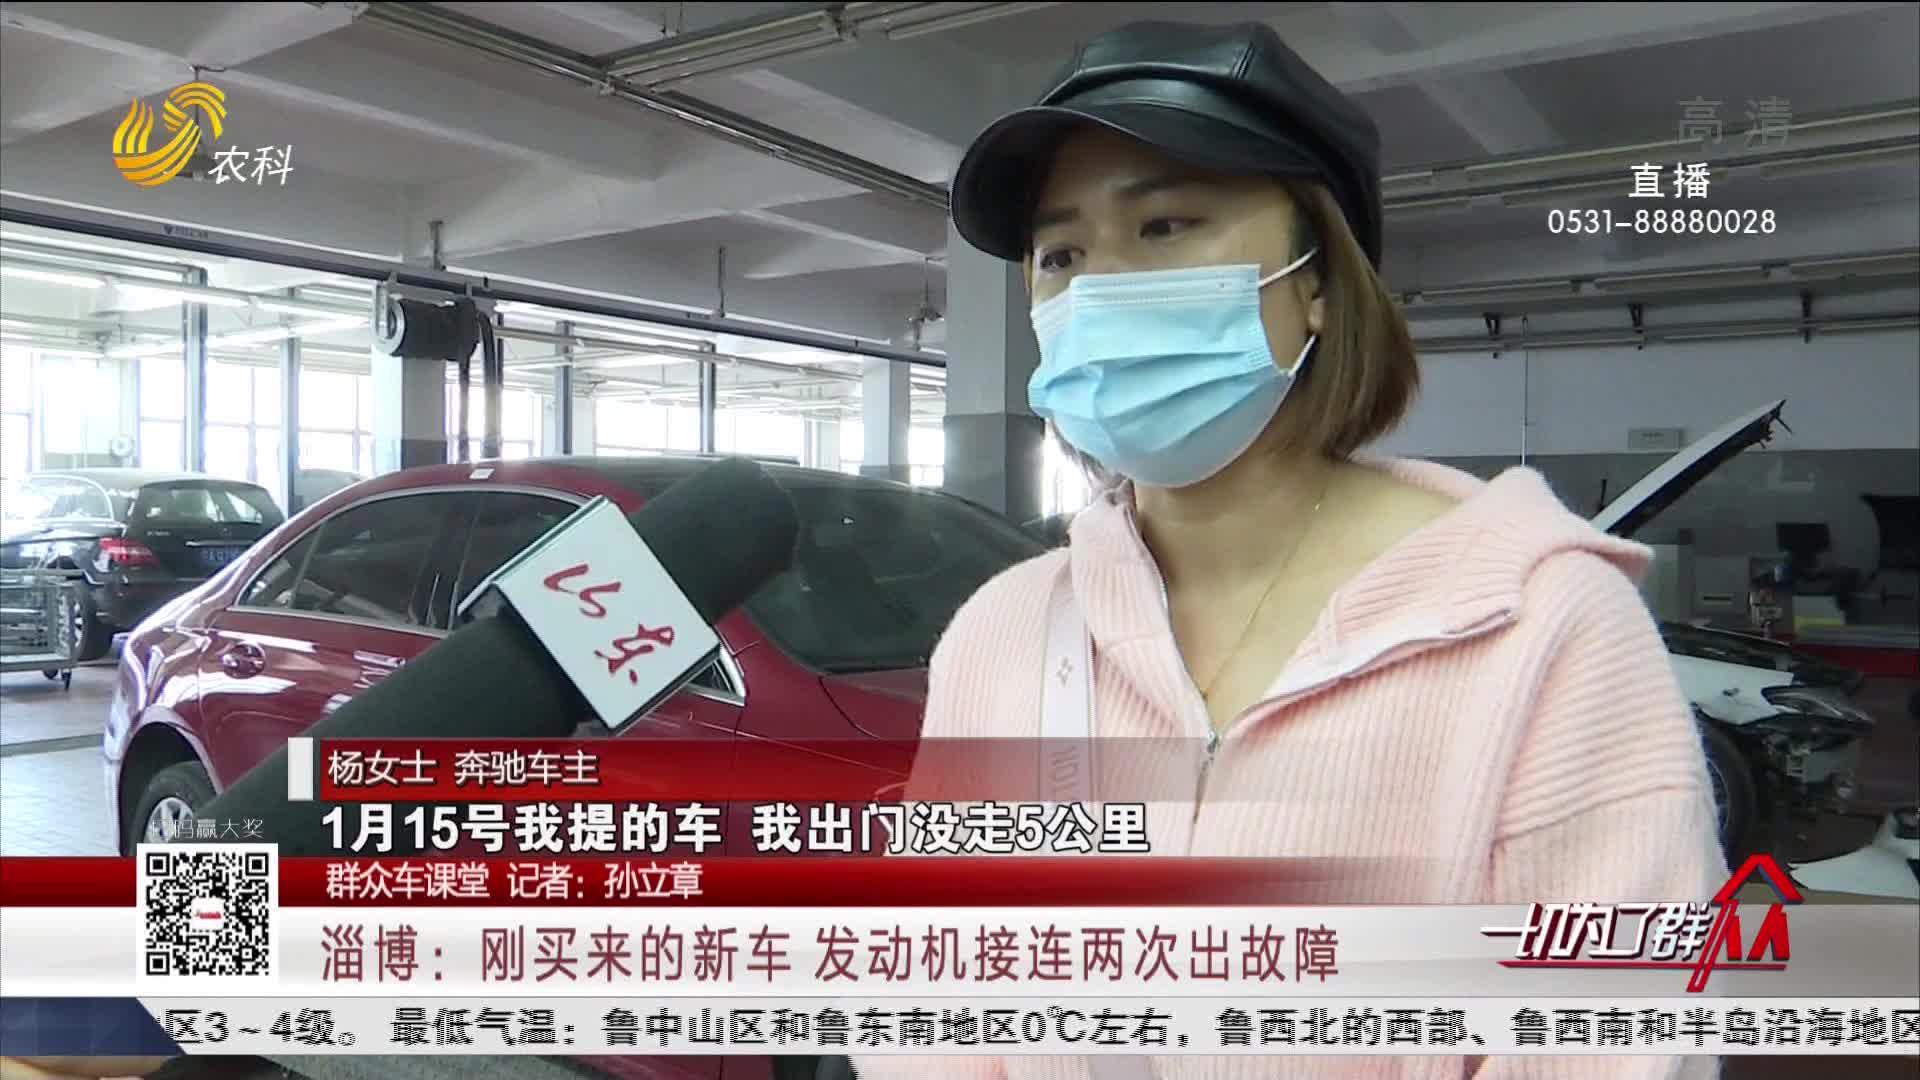 【群众车课堂】淄博:刚买来的新车 发动机接连两次出故障